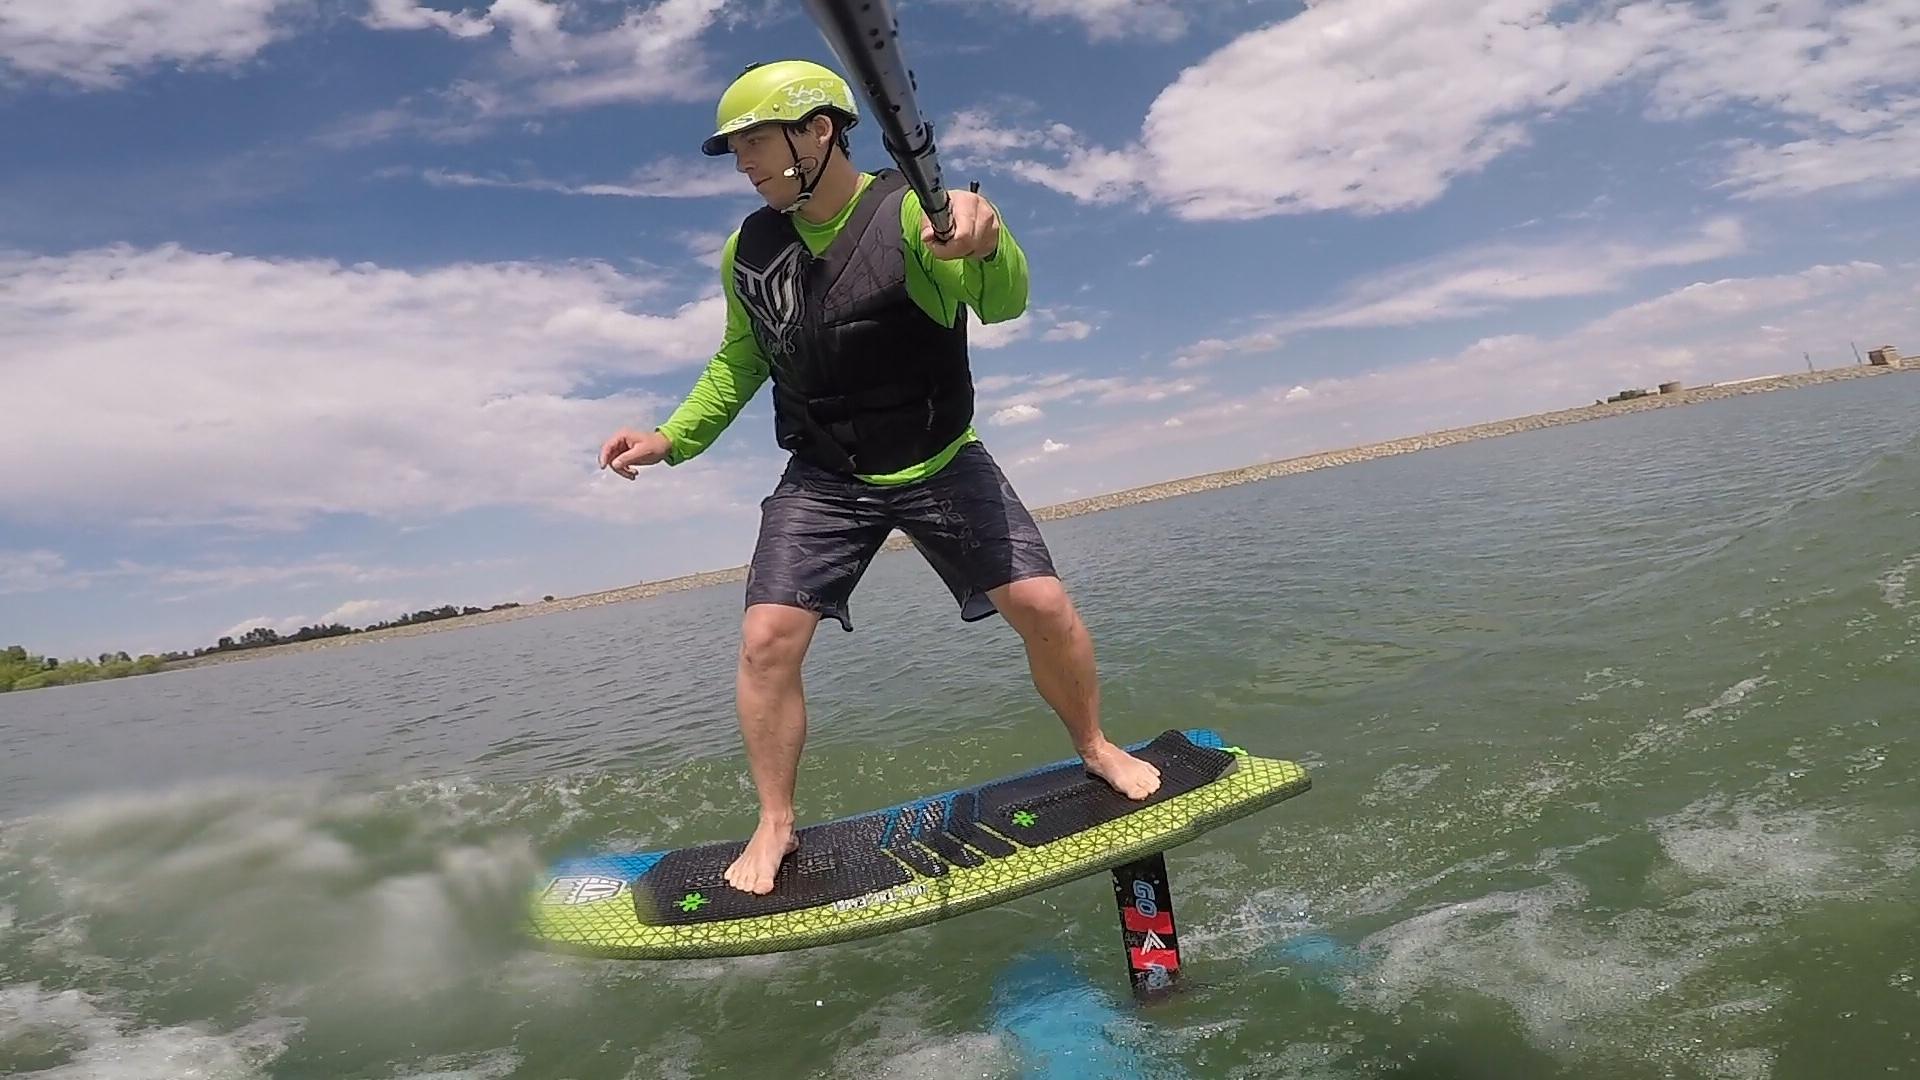 wakesurfing | Land Locked Surfing